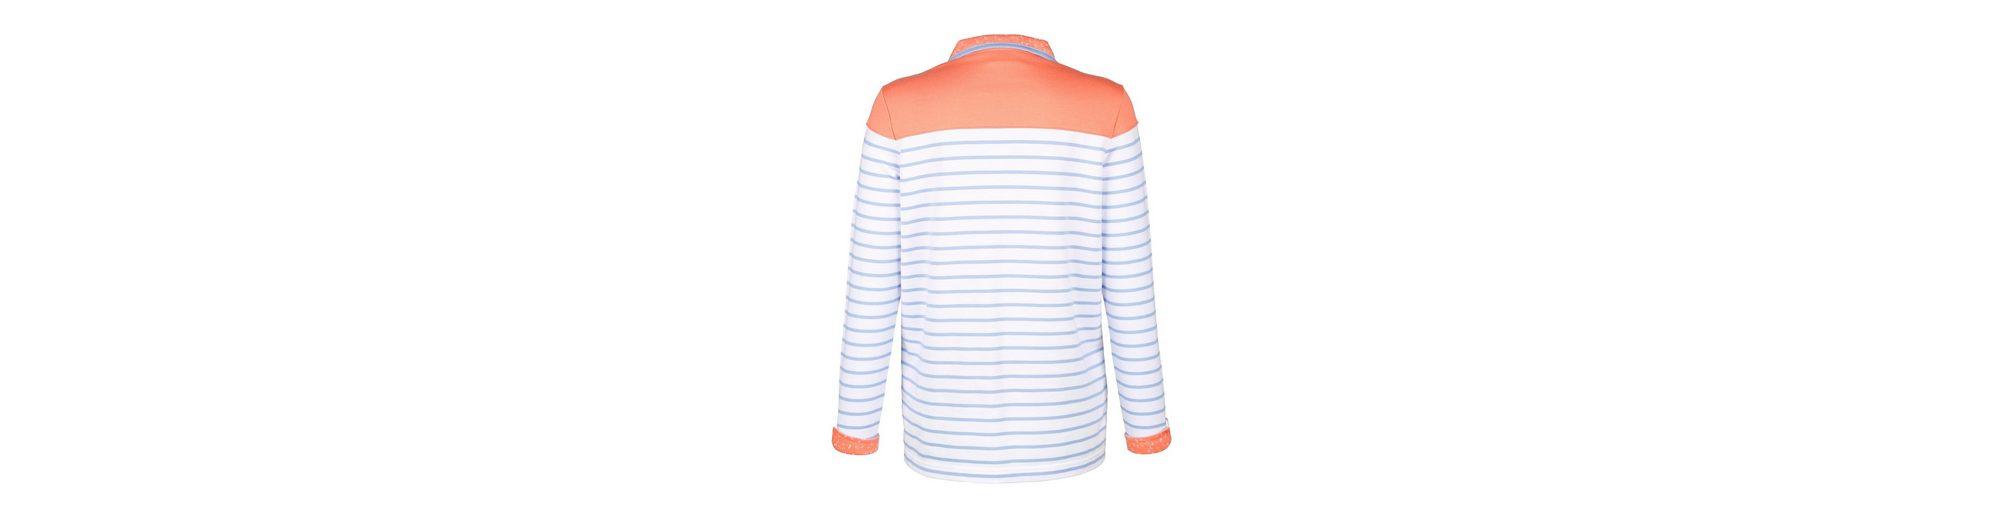 Paola Sweatshirt mit Streifen Freies Verschiffen Versorgung Bekommt Einen Rabatt Zu Kaufen UCstSxR